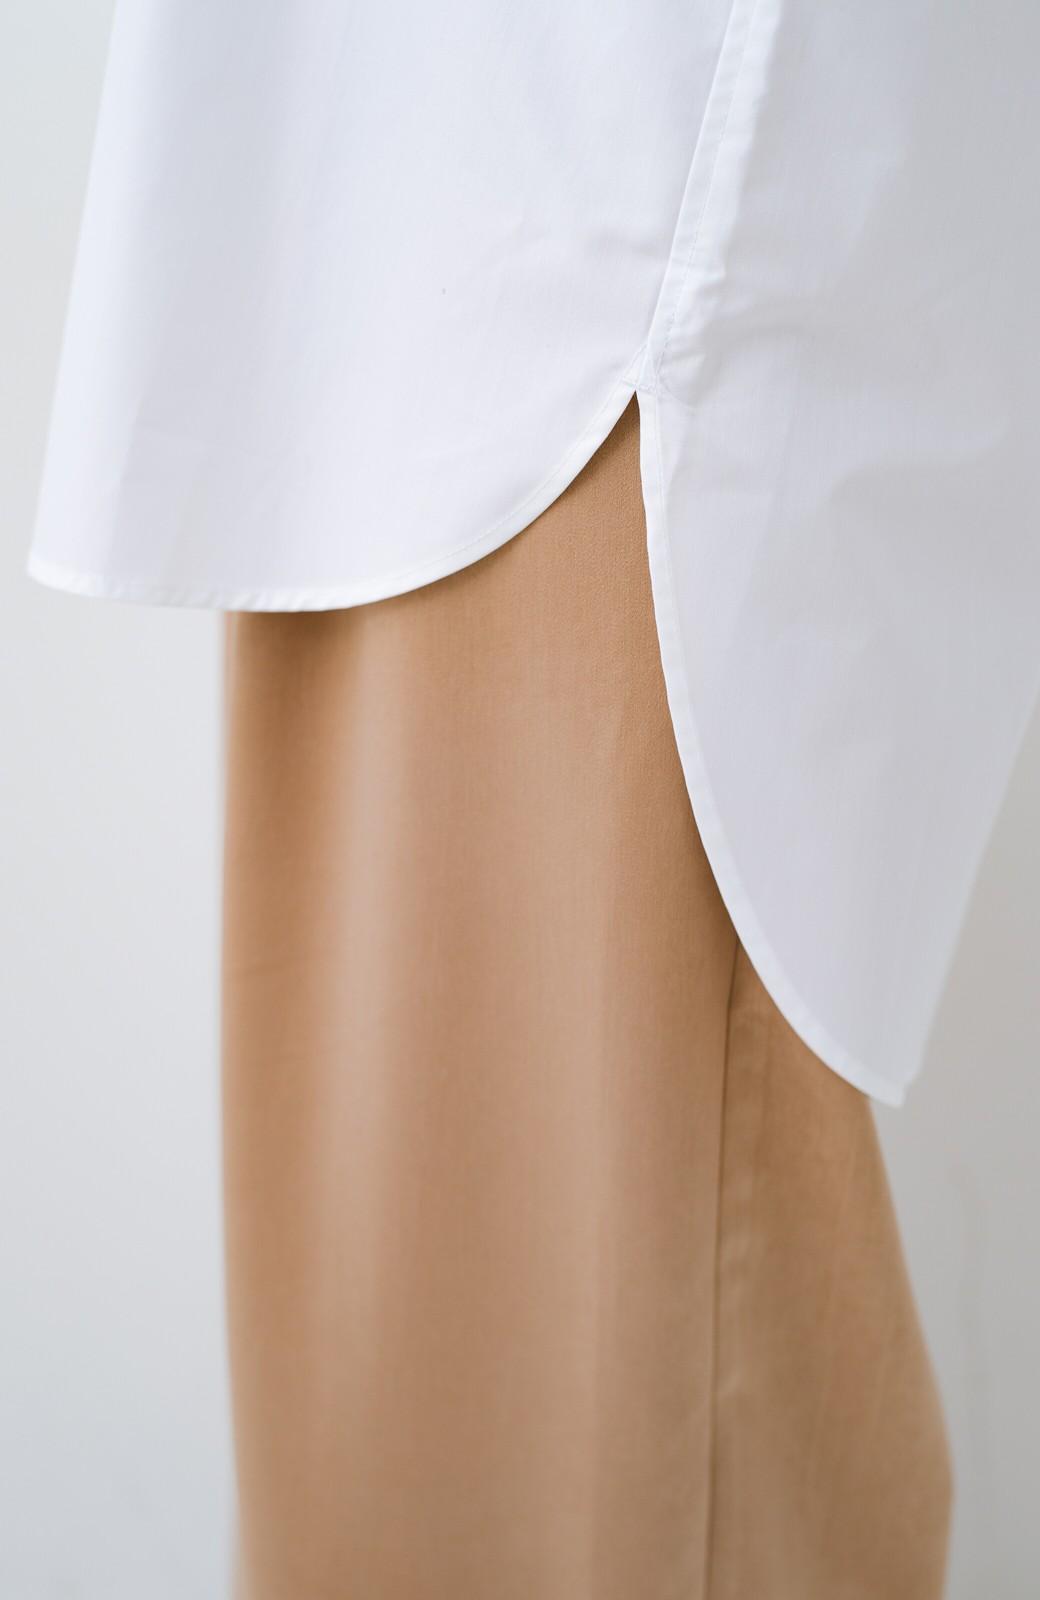 haco! サイズ感がオシャレに見せてくれる 真面目すぎないビッグシャツ <ホワイト>の商品写真7